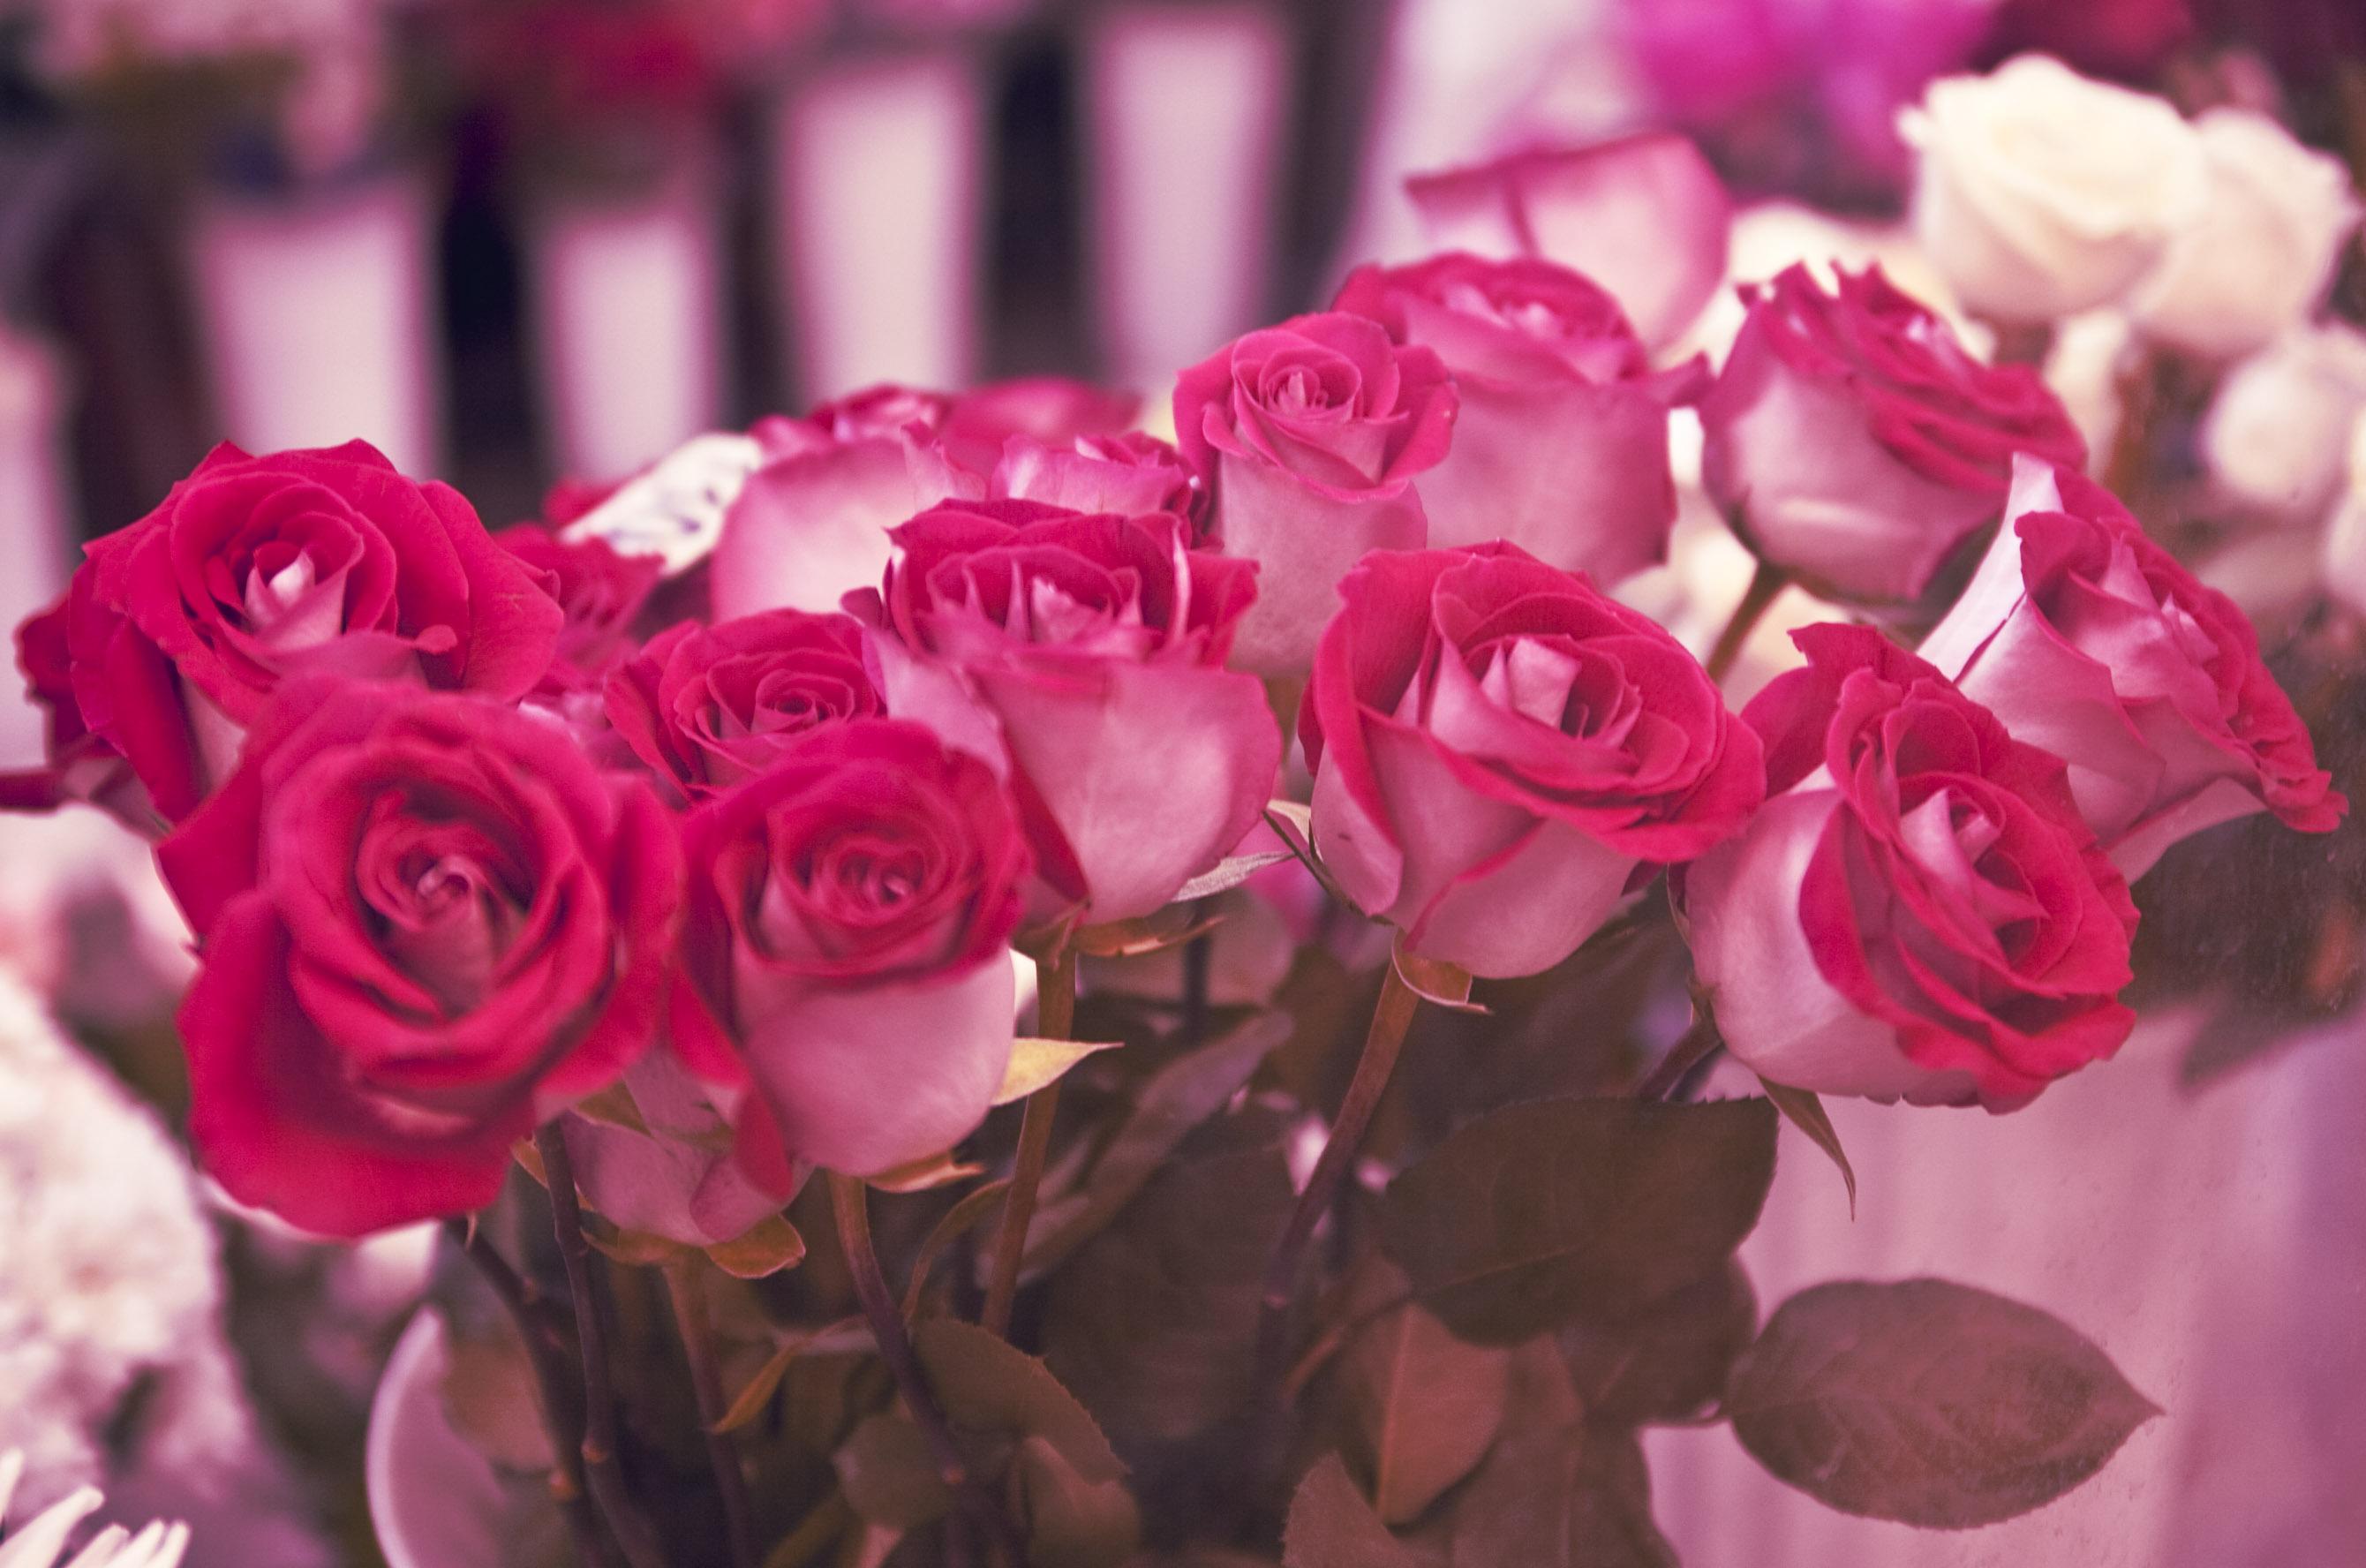 обои на рабочий стол самые красивые розы для тебя № 164851 бесплатно